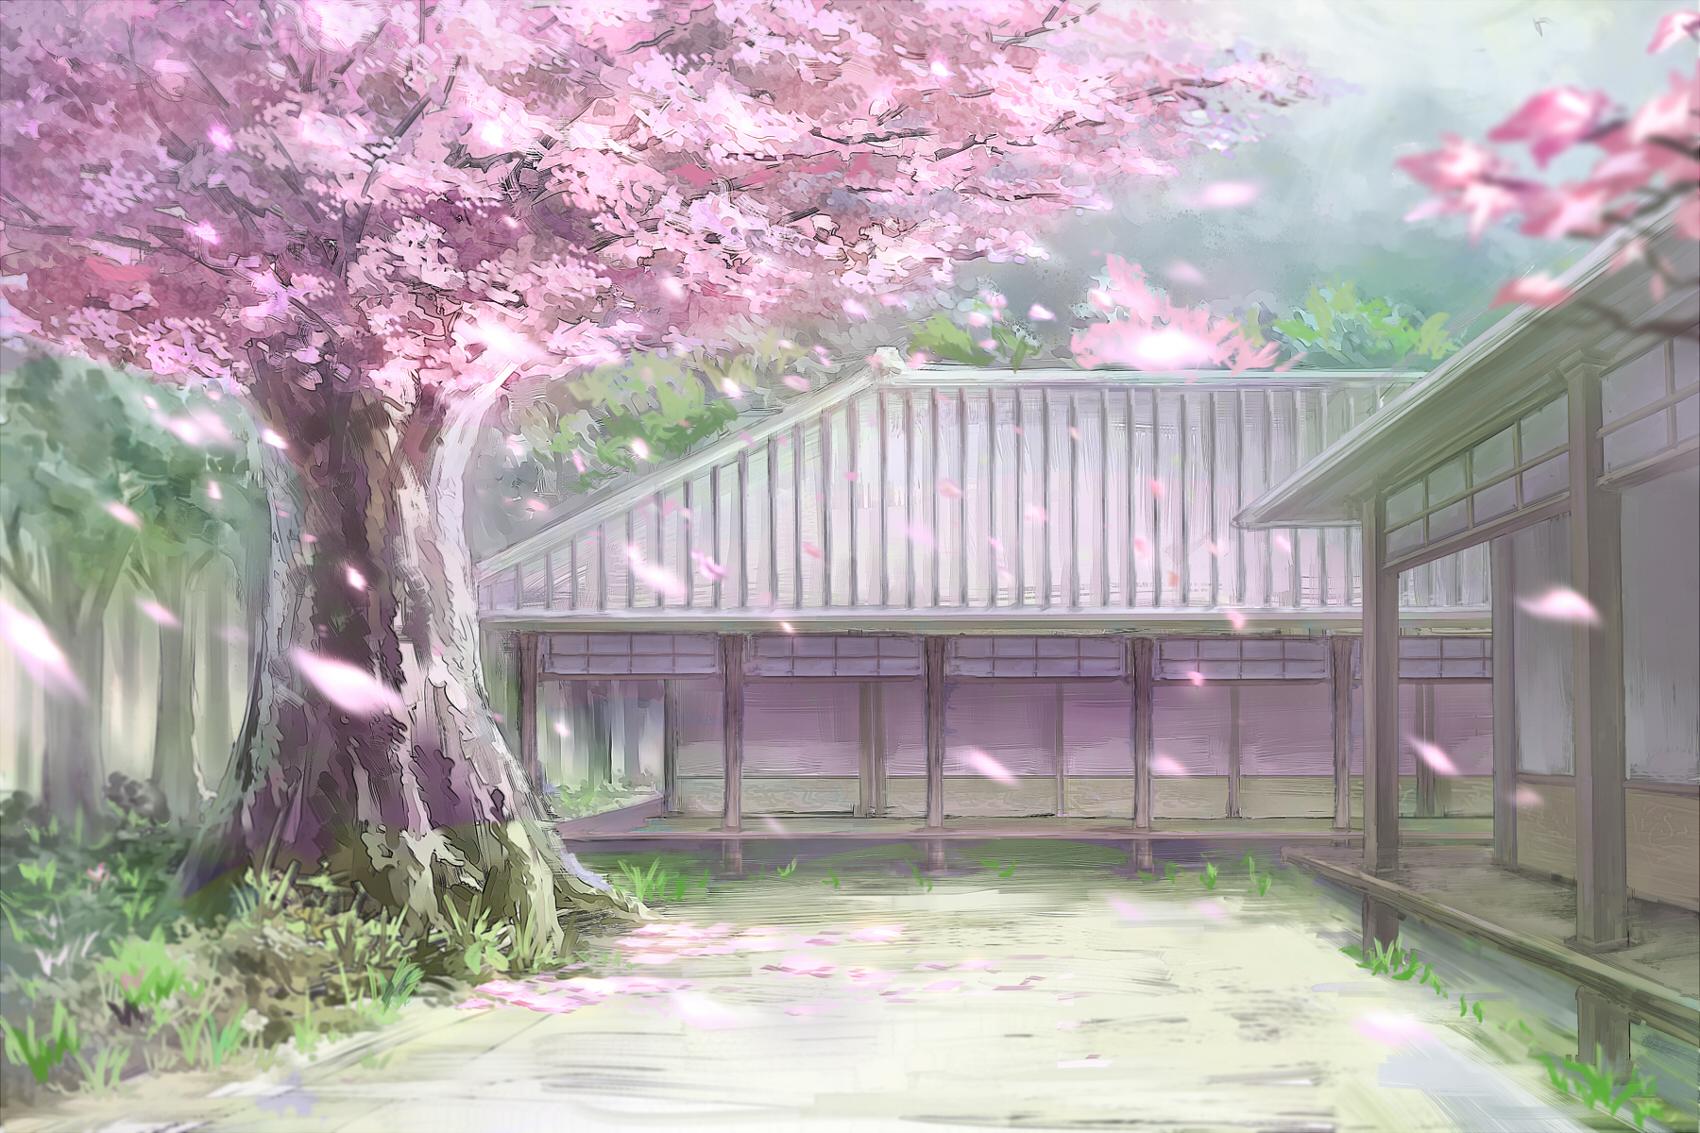 Touhou Scenery - Page 4 LFpDXvjj